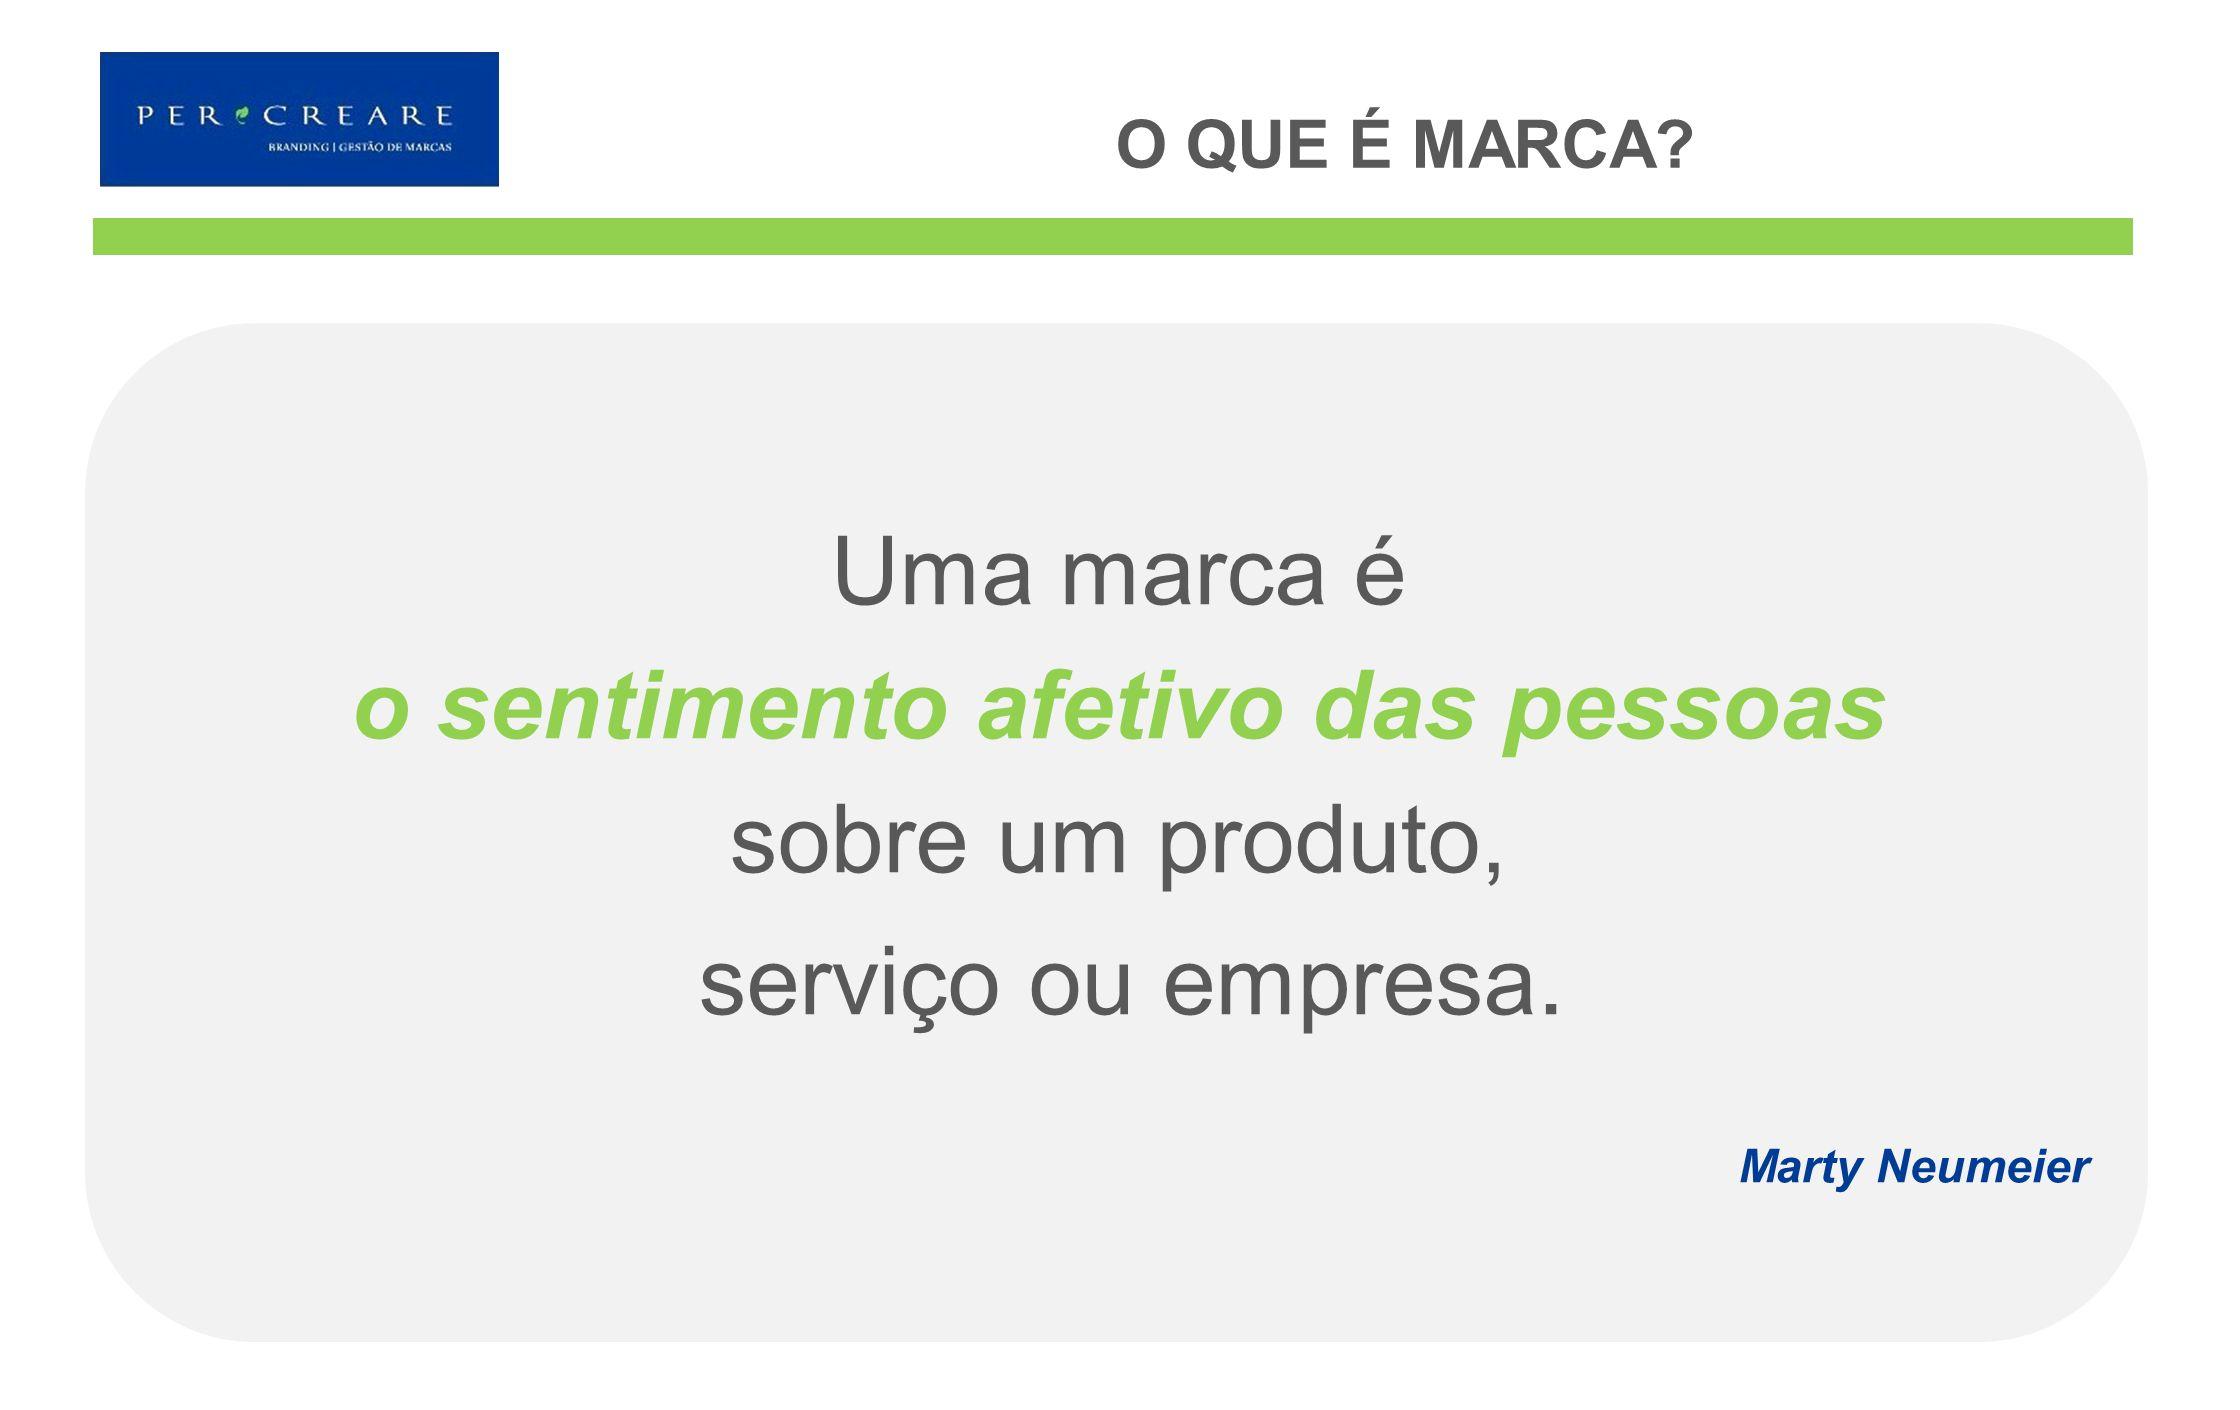 Uma marca é o sentimento afetivo das pessoas sobre um produto, serviço ou empresa. Marty Neumeier O QUE É MARCA?